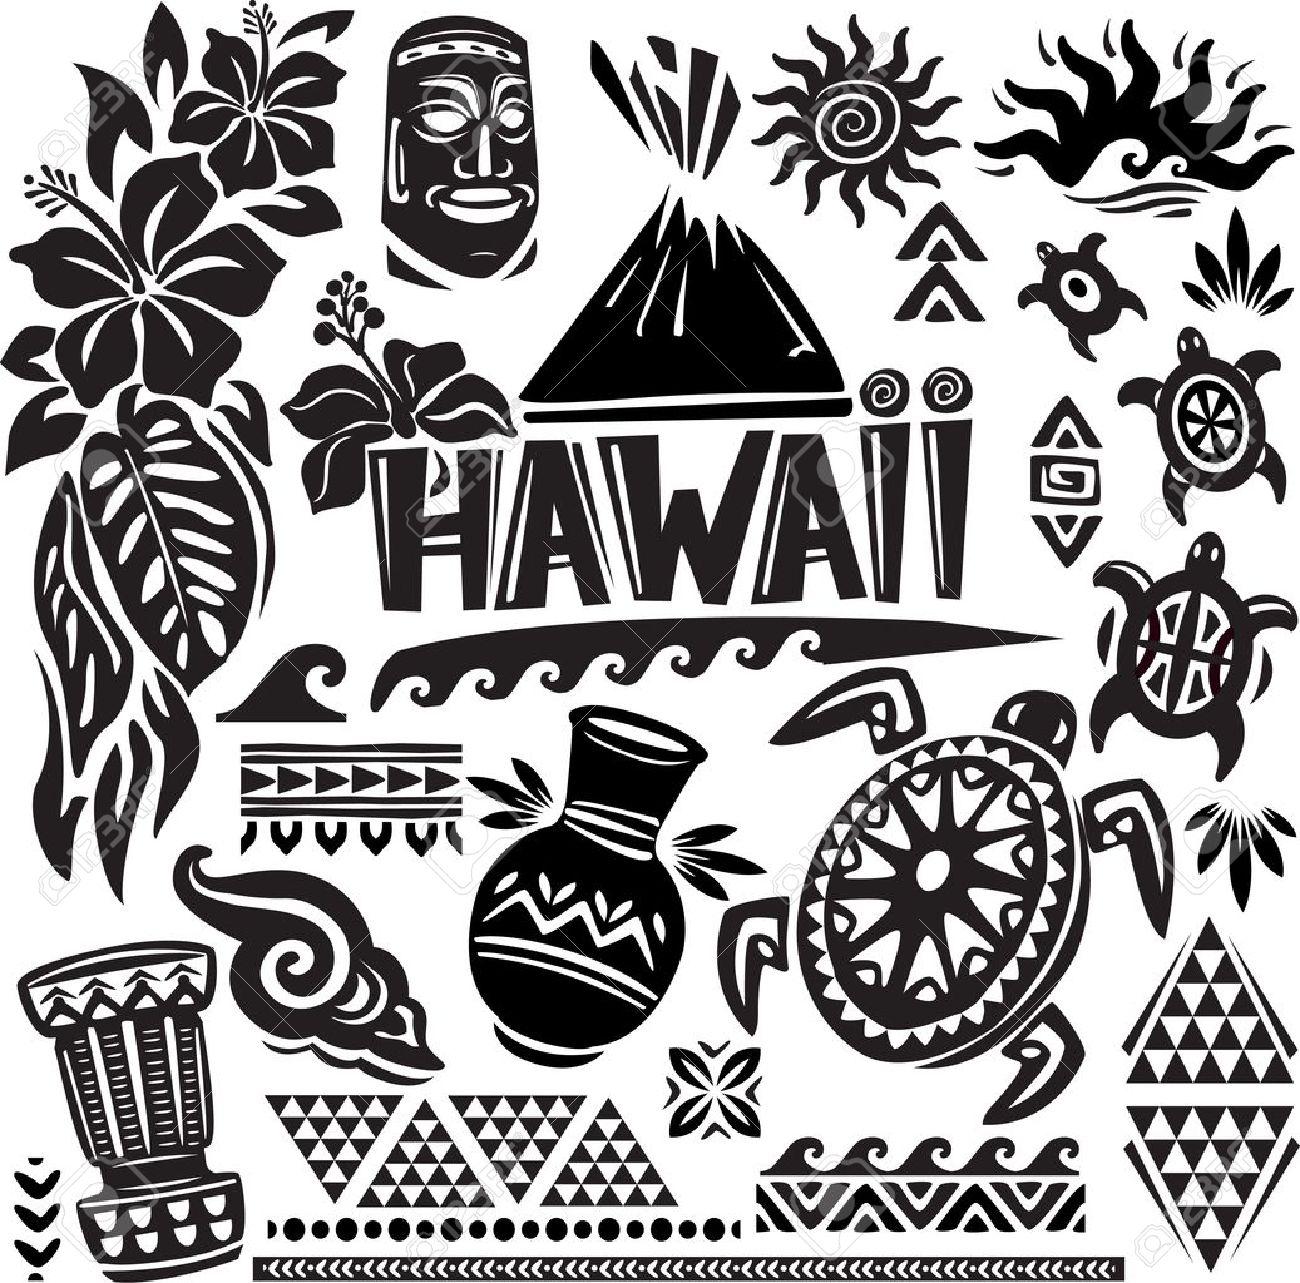 9,752 Aloha Stock Vector Illustration And Royalty Free Aloha Clipart